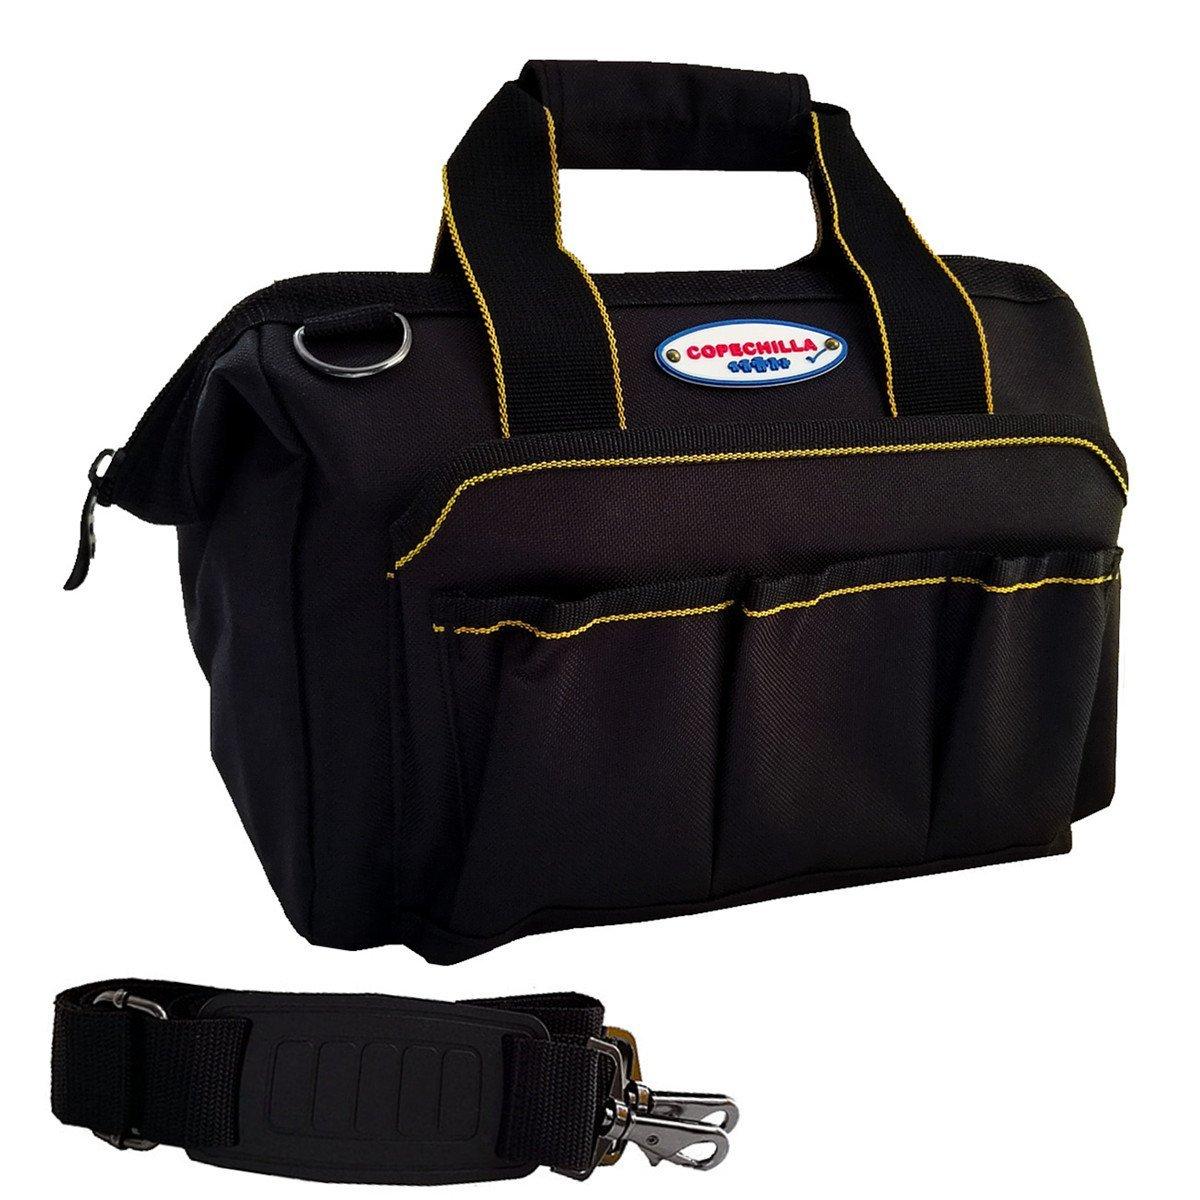 COPECHILLA sac a outil electricien professionnel avec ceinture ré glable et poigné e,sac de rangement outils impermé ables material 600D Oxford canvas,12 inch,pour technicien,famille, dans la voiture